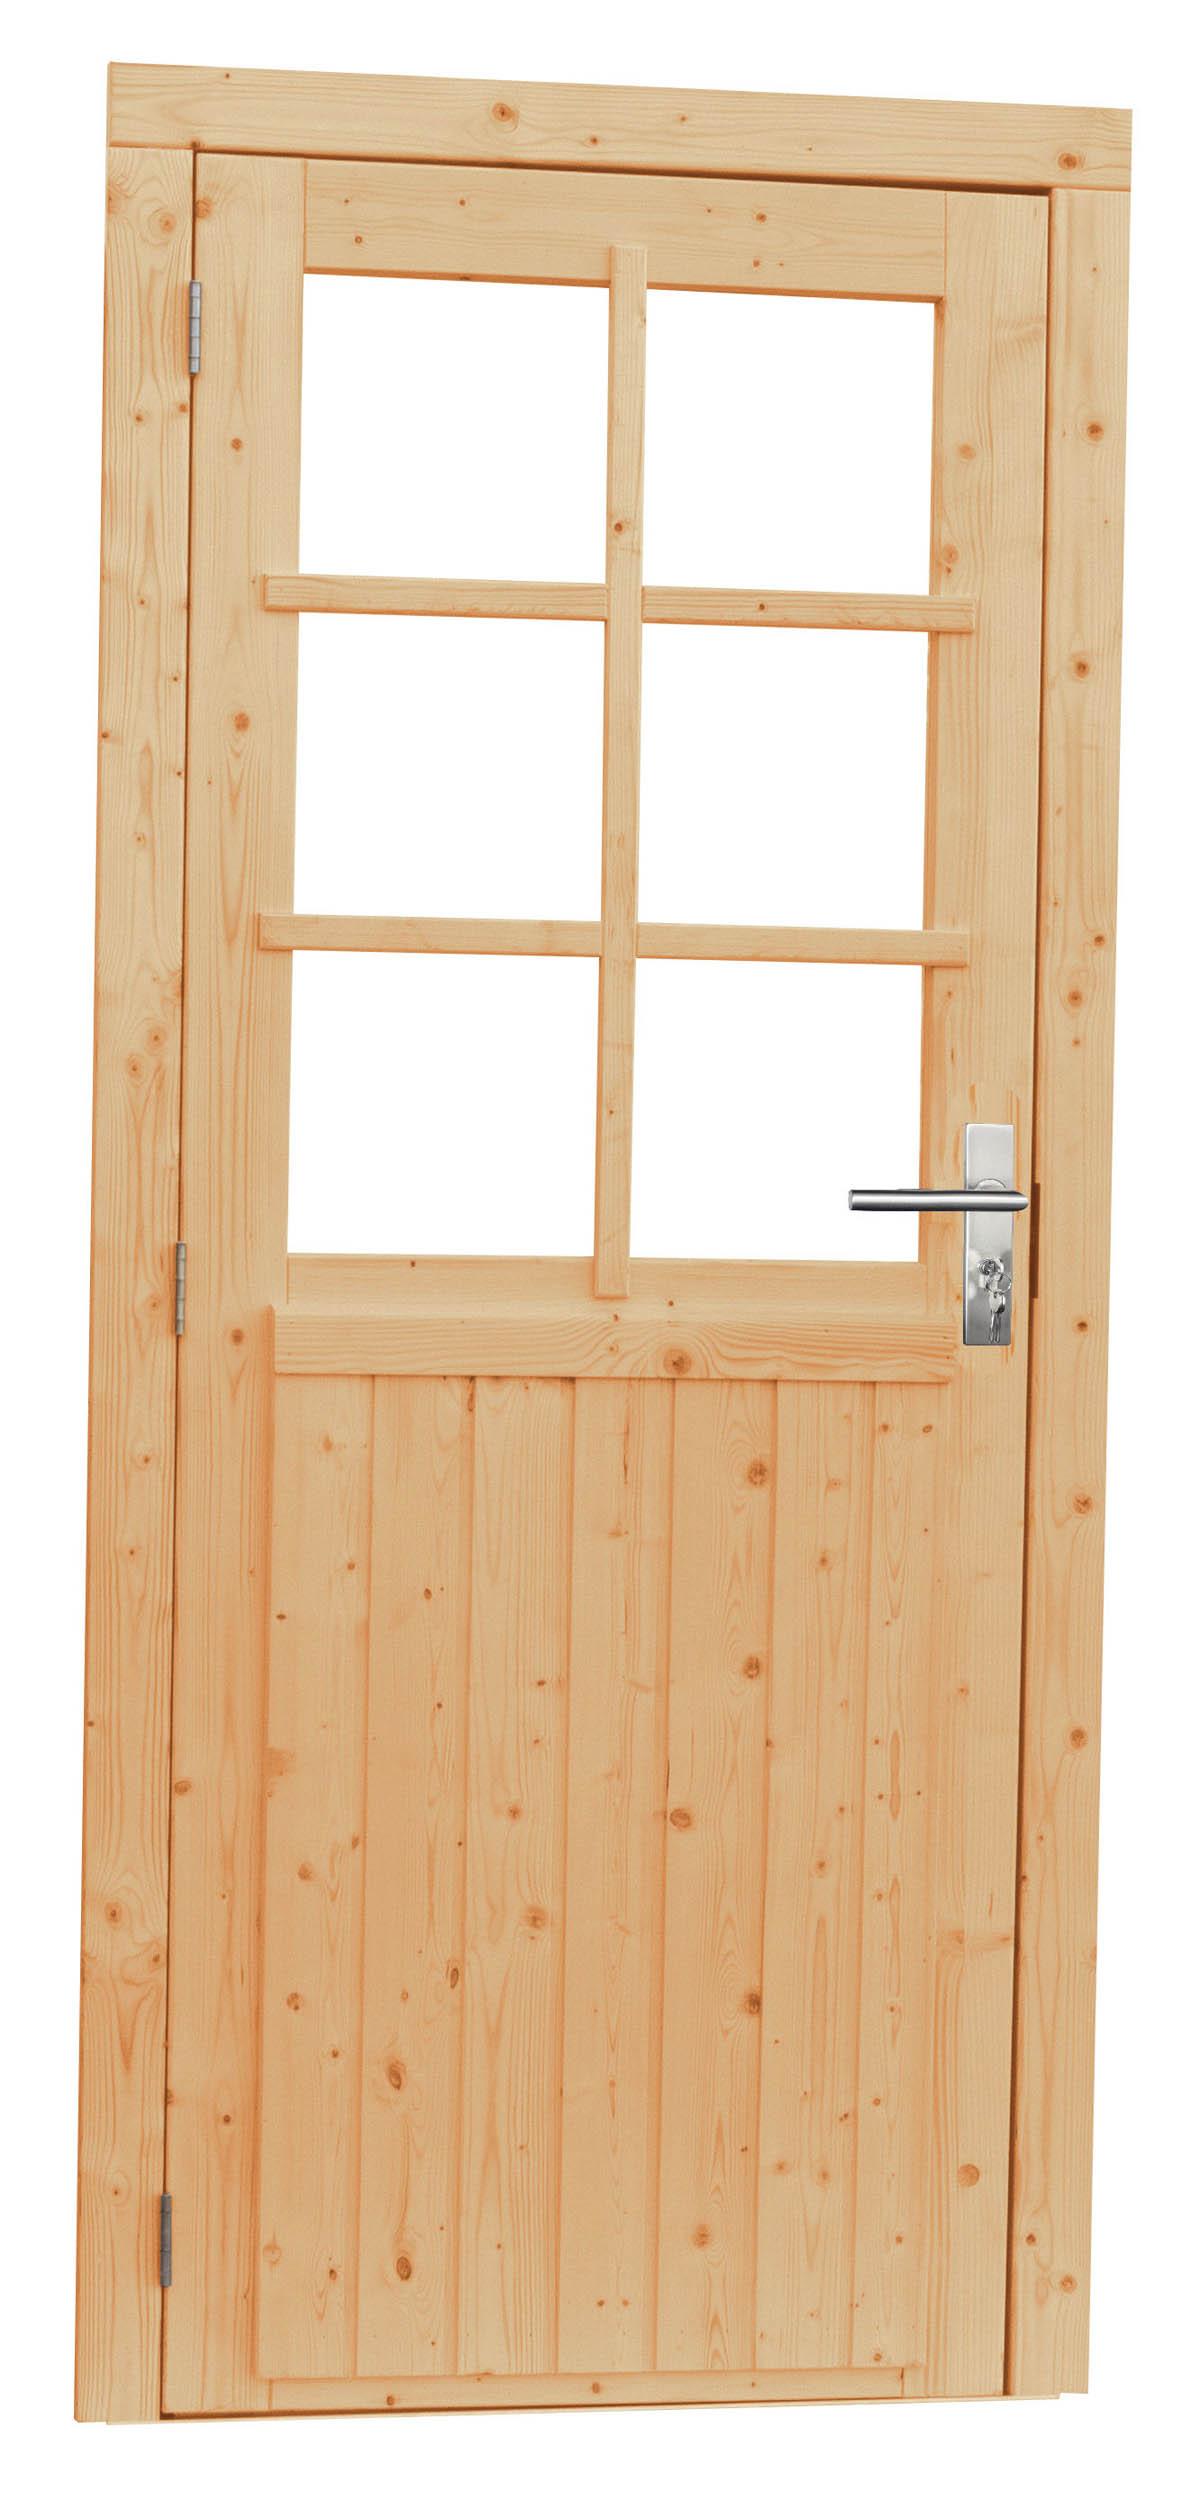 Kühlkamp Vuren enkele deur incl. kozijn, 6-ruits met glas, afm. 90 x 201 cm. - linksdraaiend - groen geïmpregneerd vuren